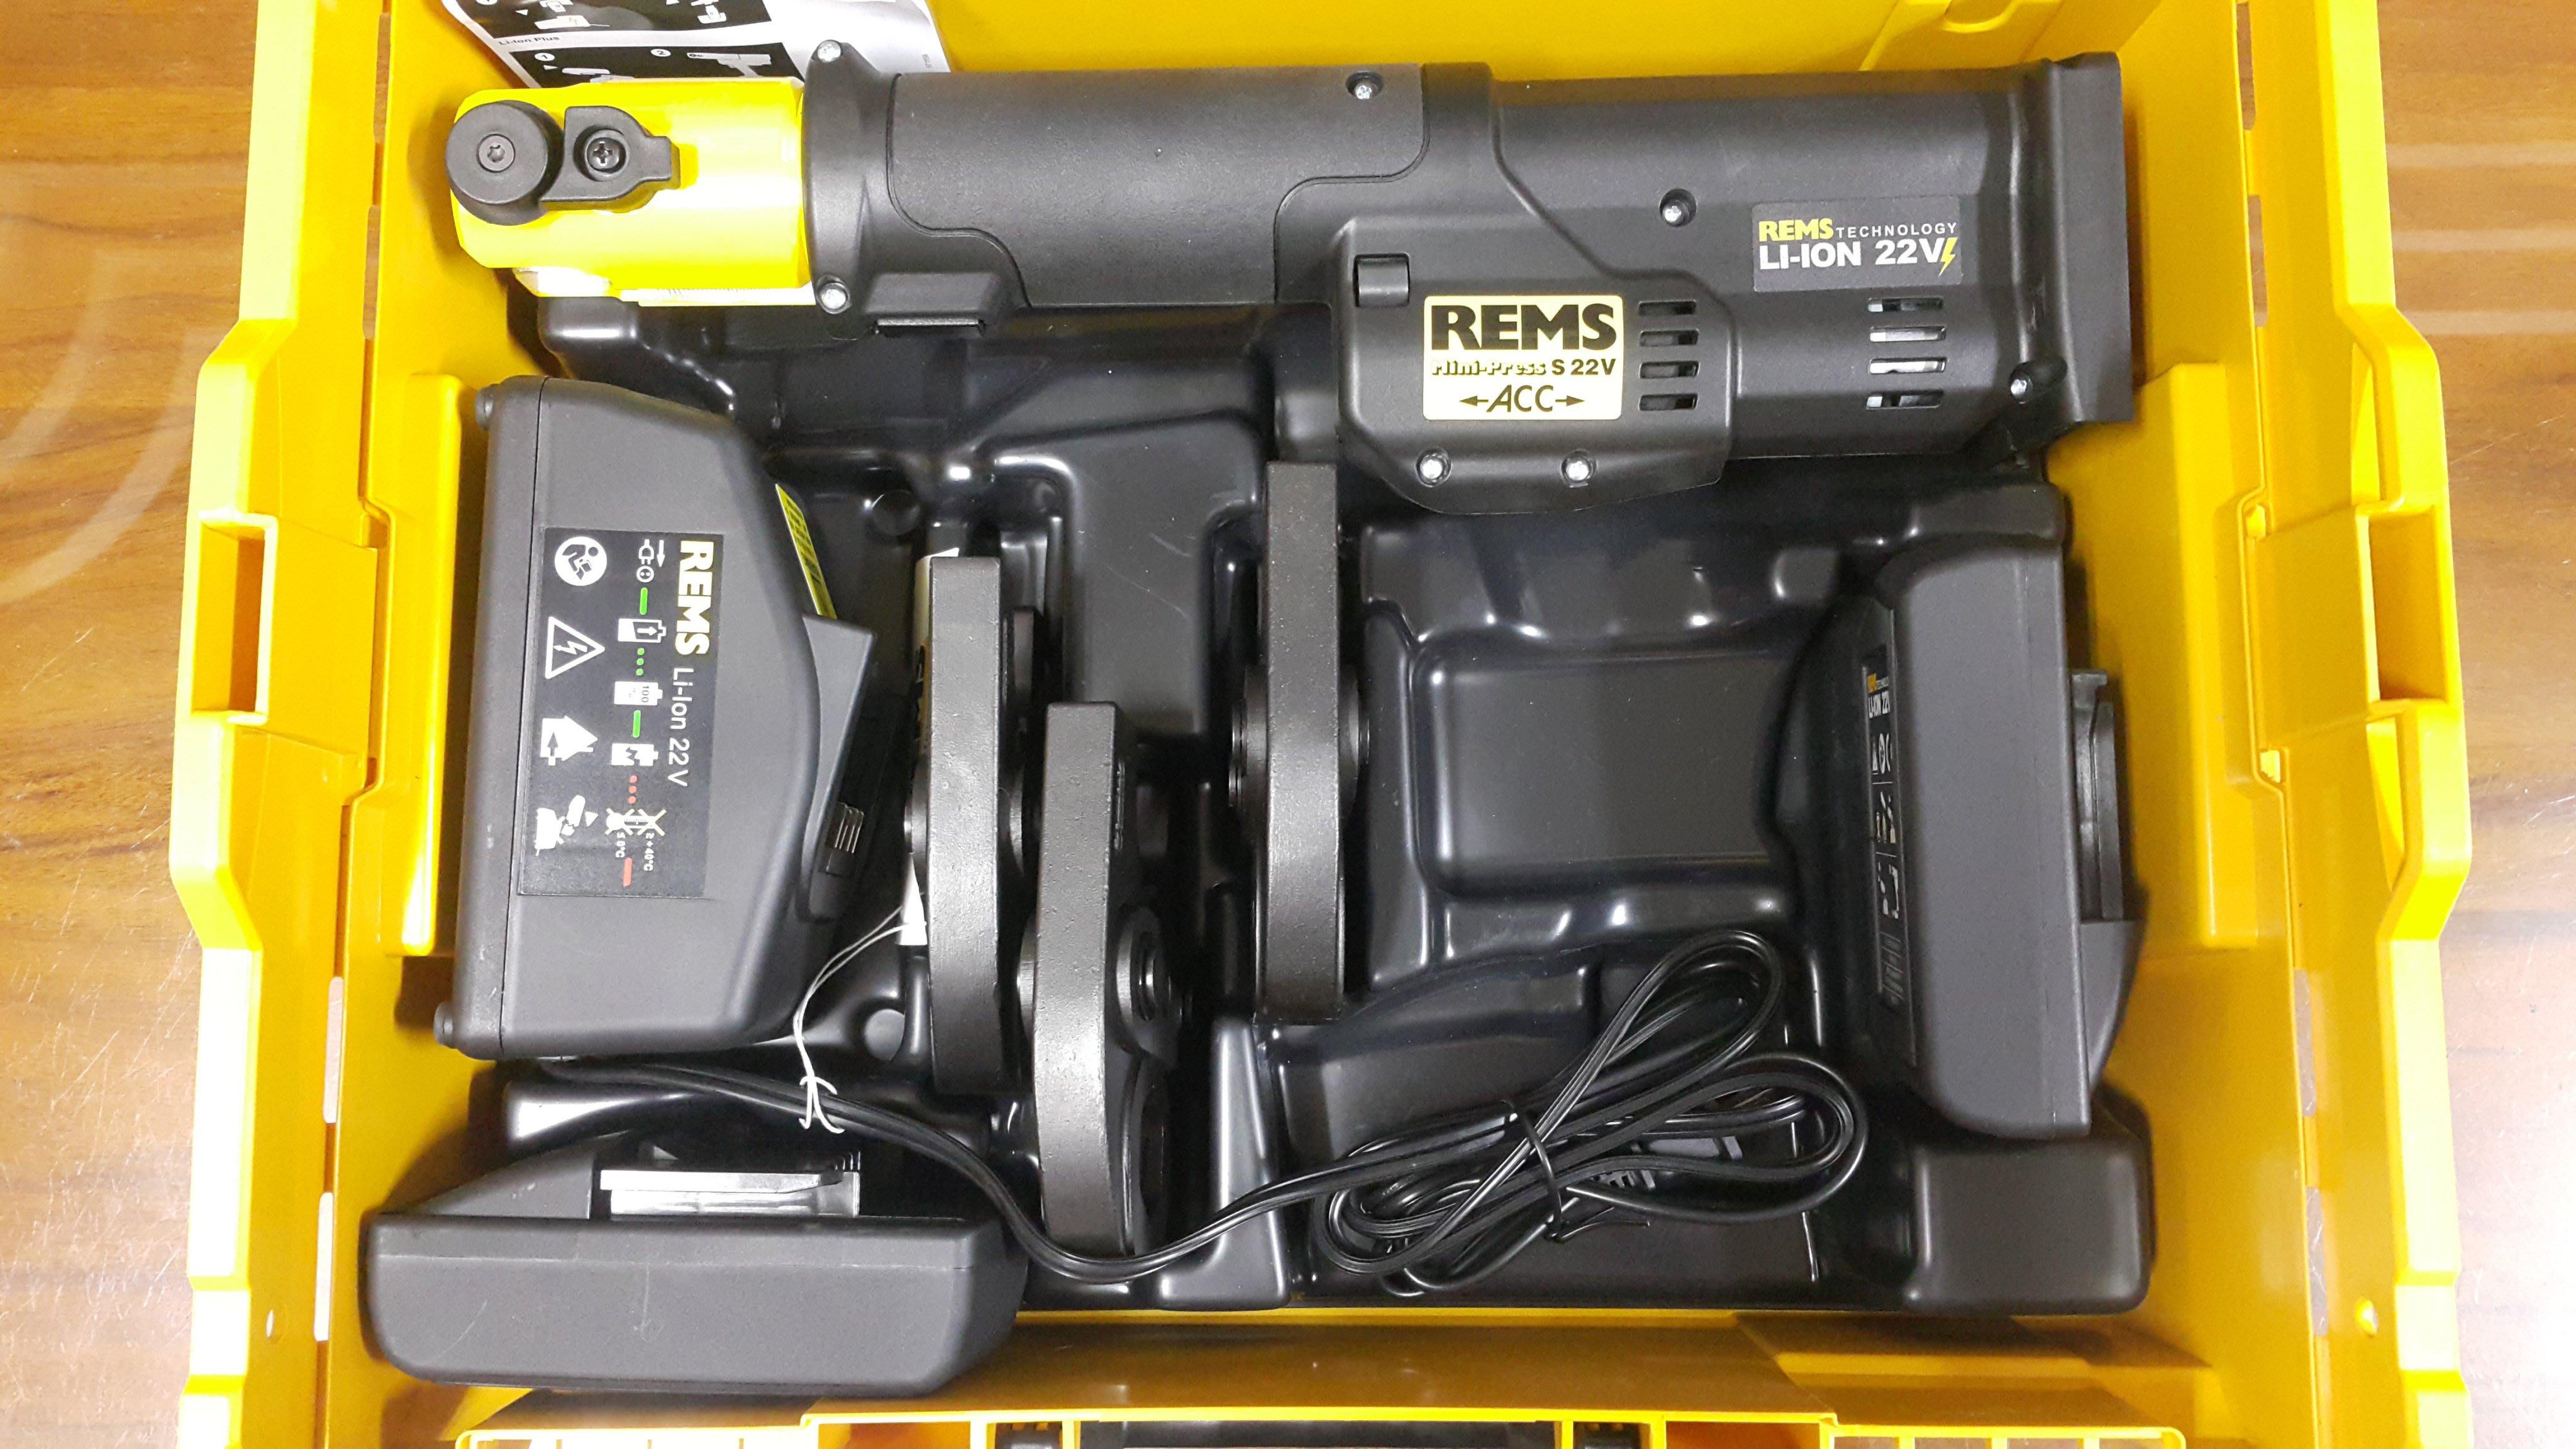 ╭☆優質五金☆╮全新德國REMS 充電式 迷你油壓壓接鉗(自動回油) 超級輕